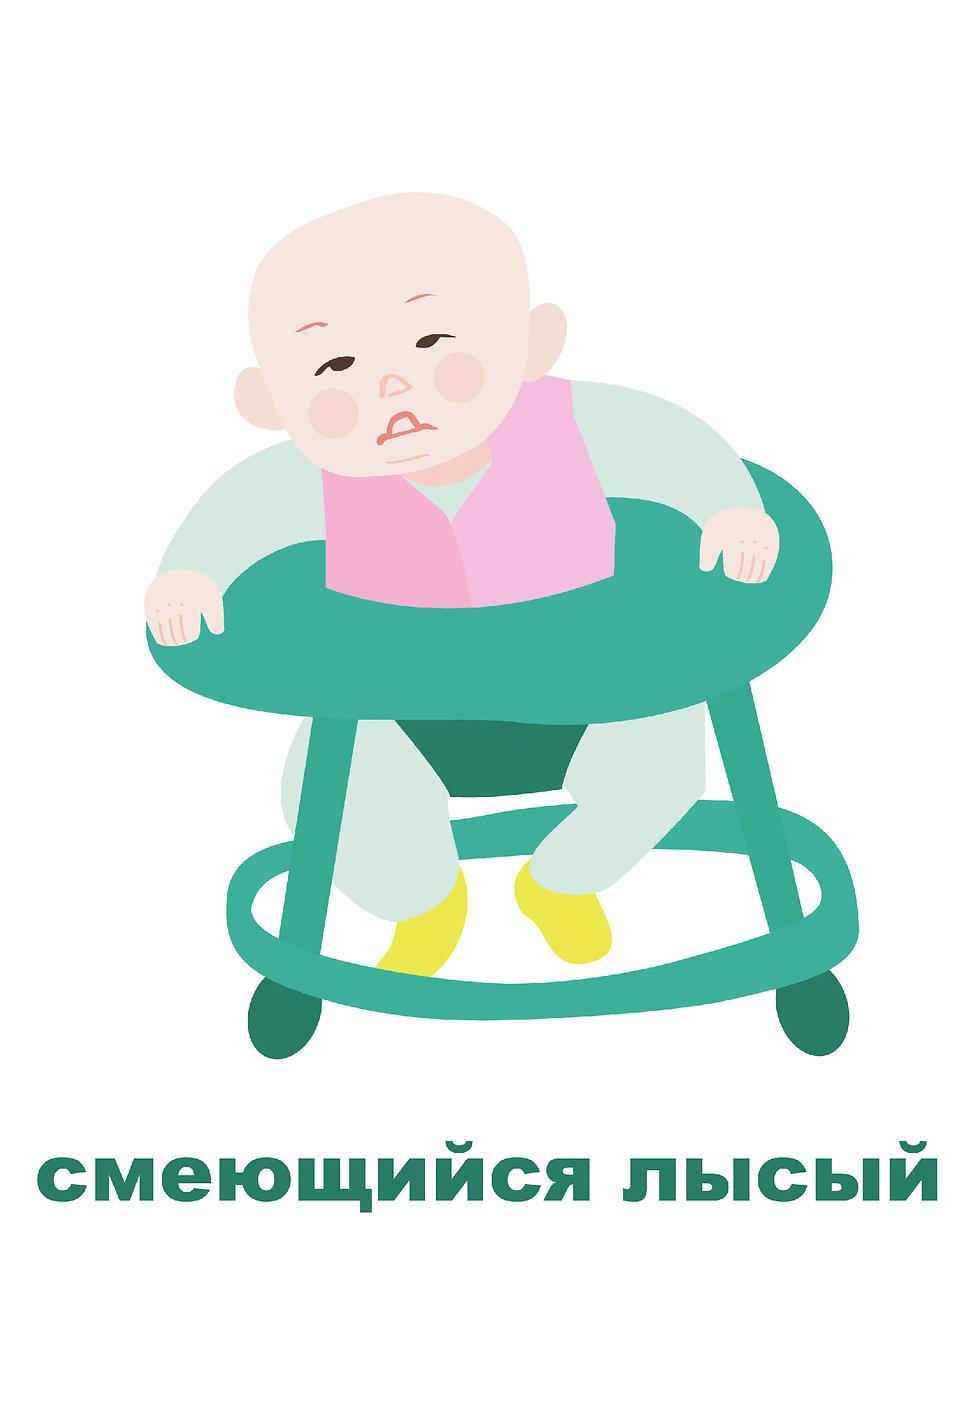 웃음짓는대머리000-01.jpg